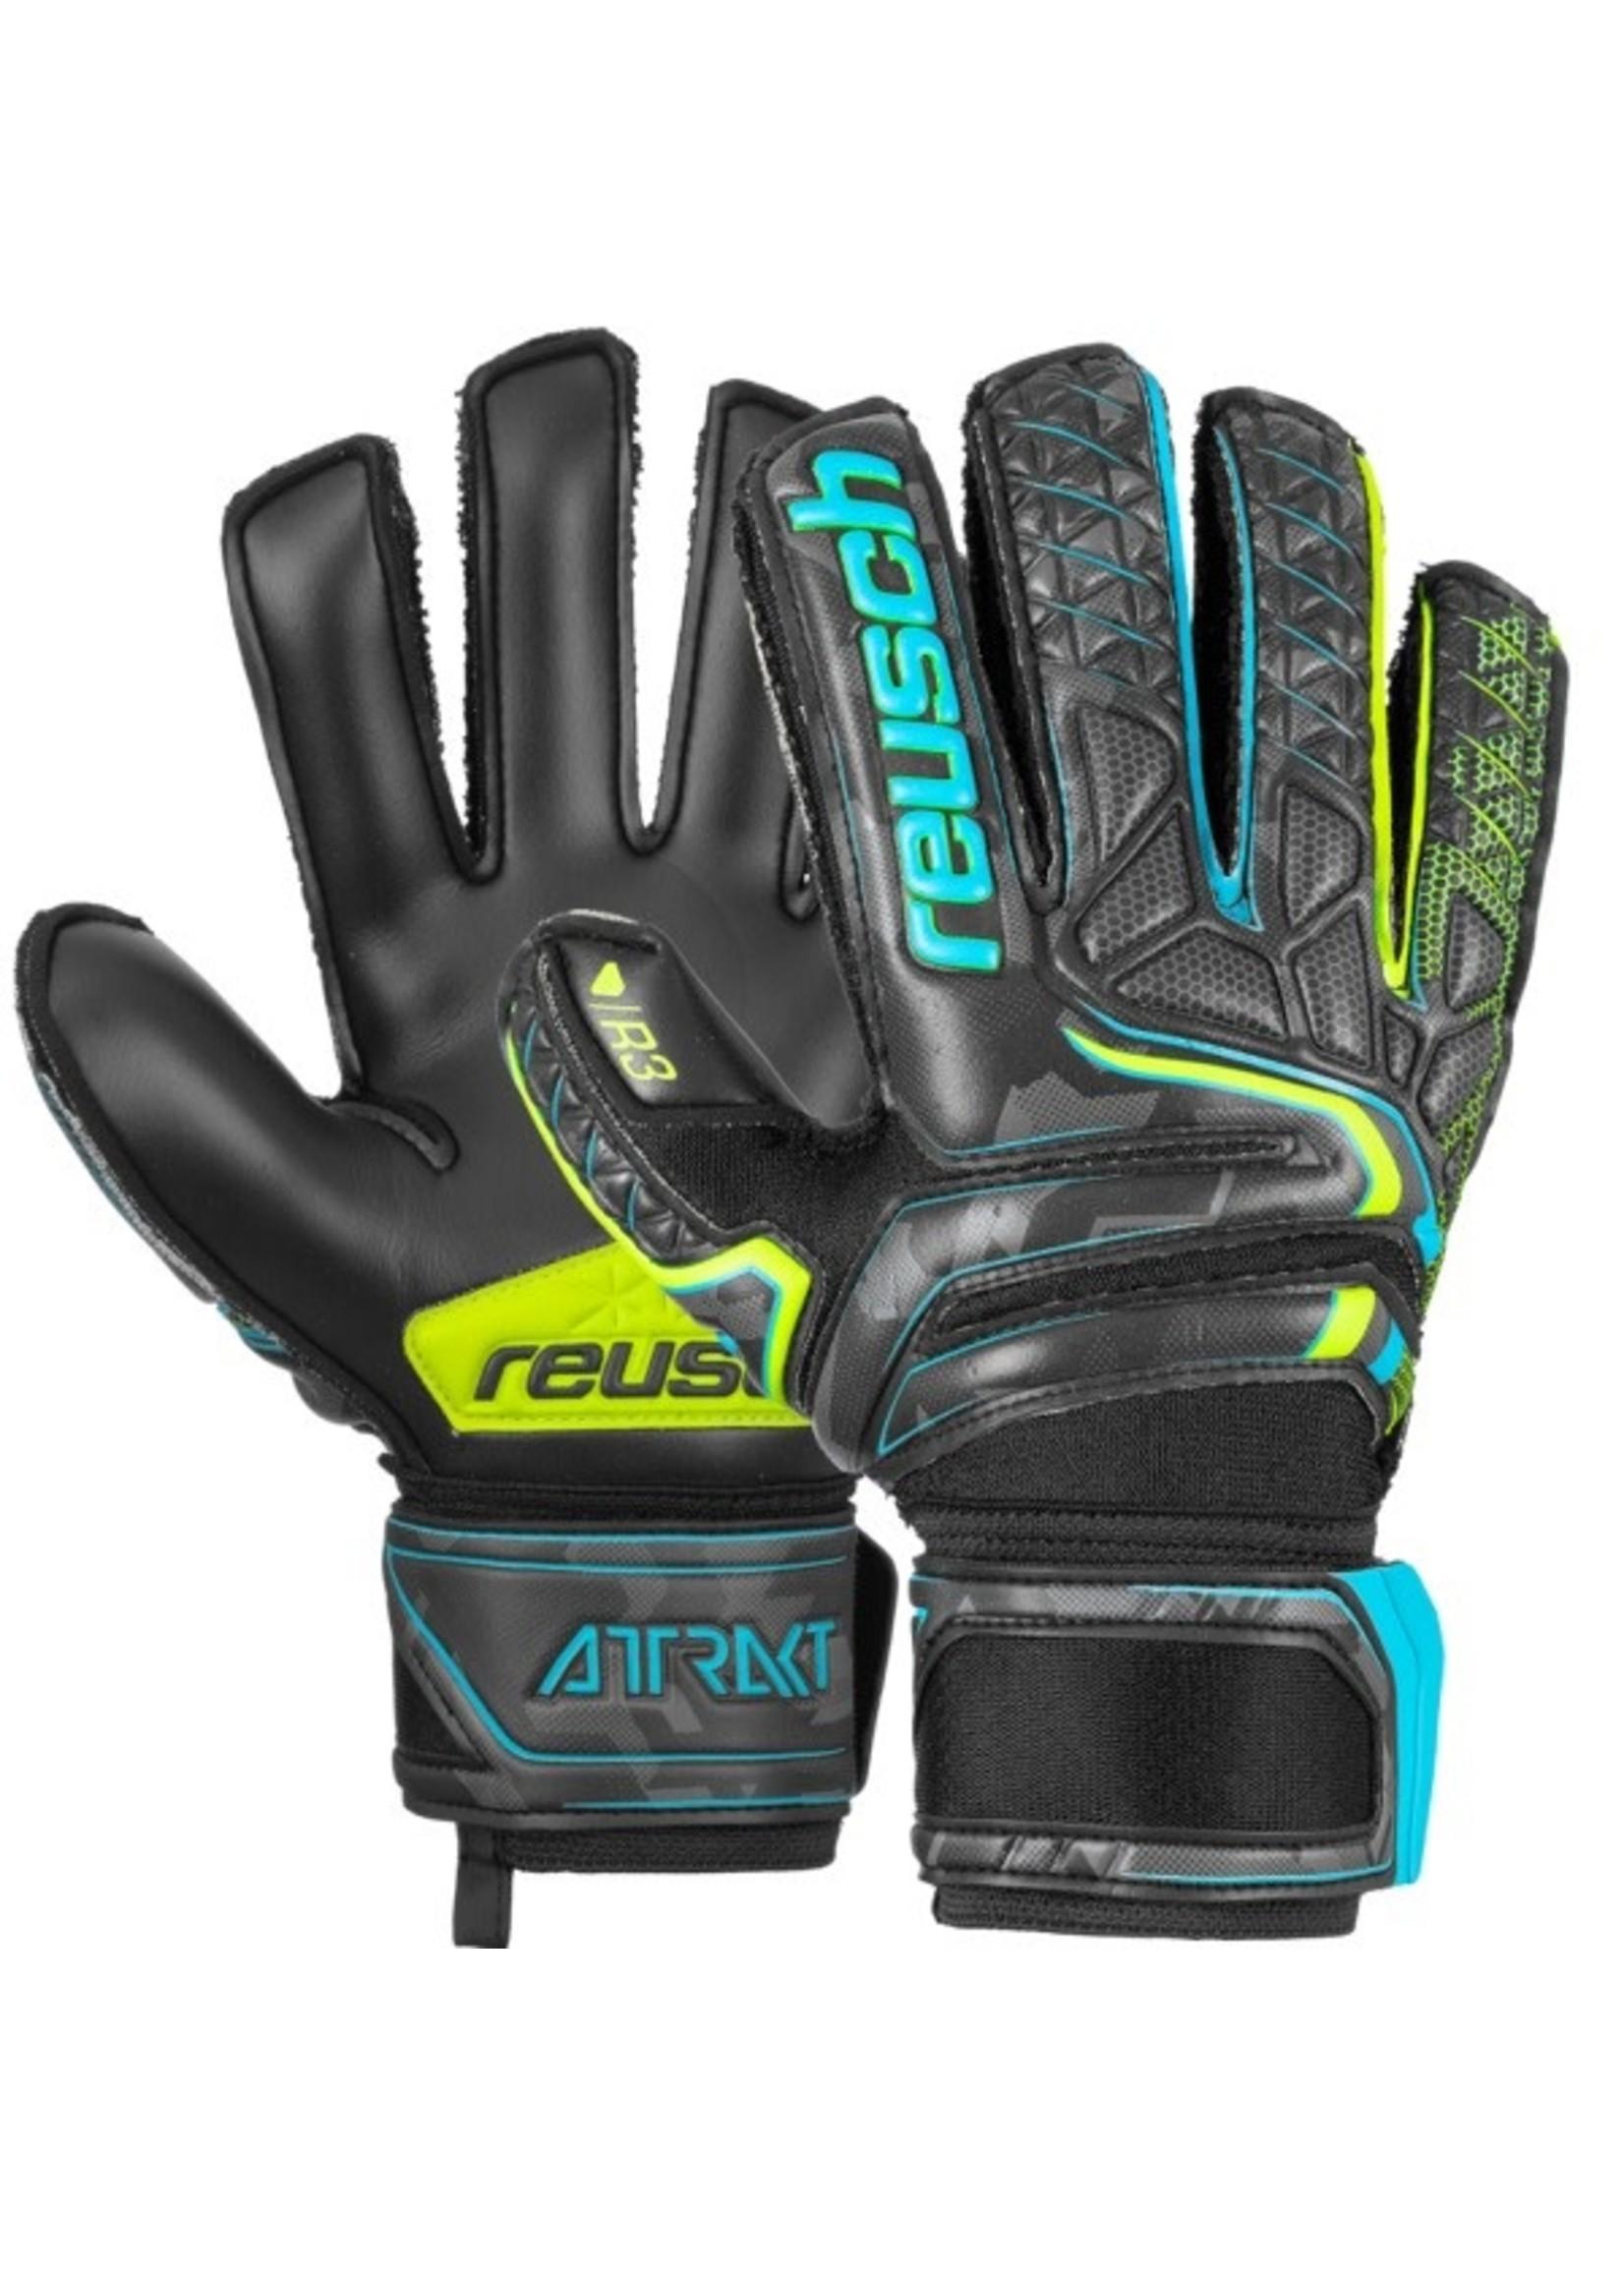 Reusch Attrakt R3 Finger Support